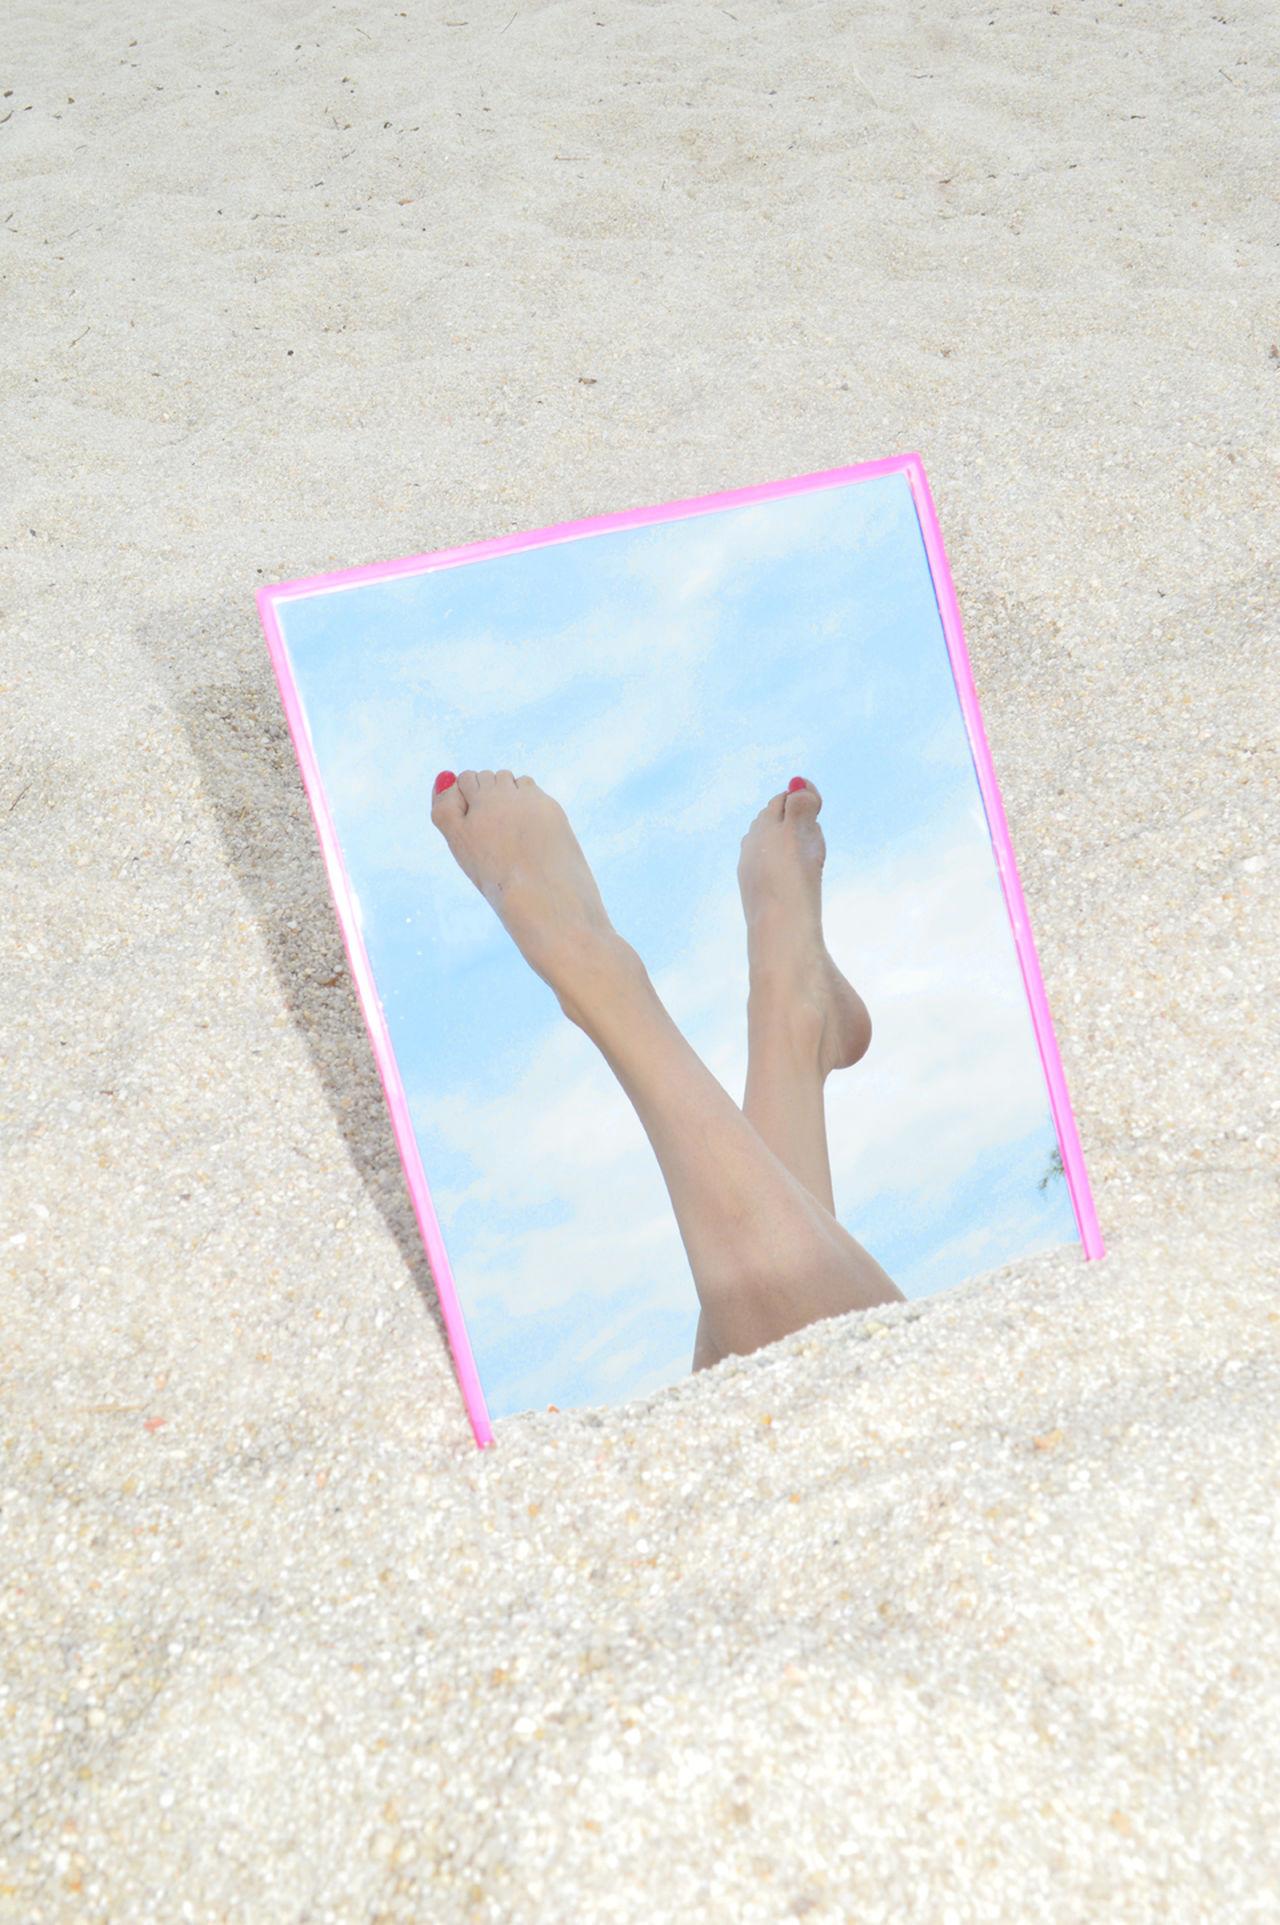 Barefoot, Beach, Day, Feet Up, Human Foot